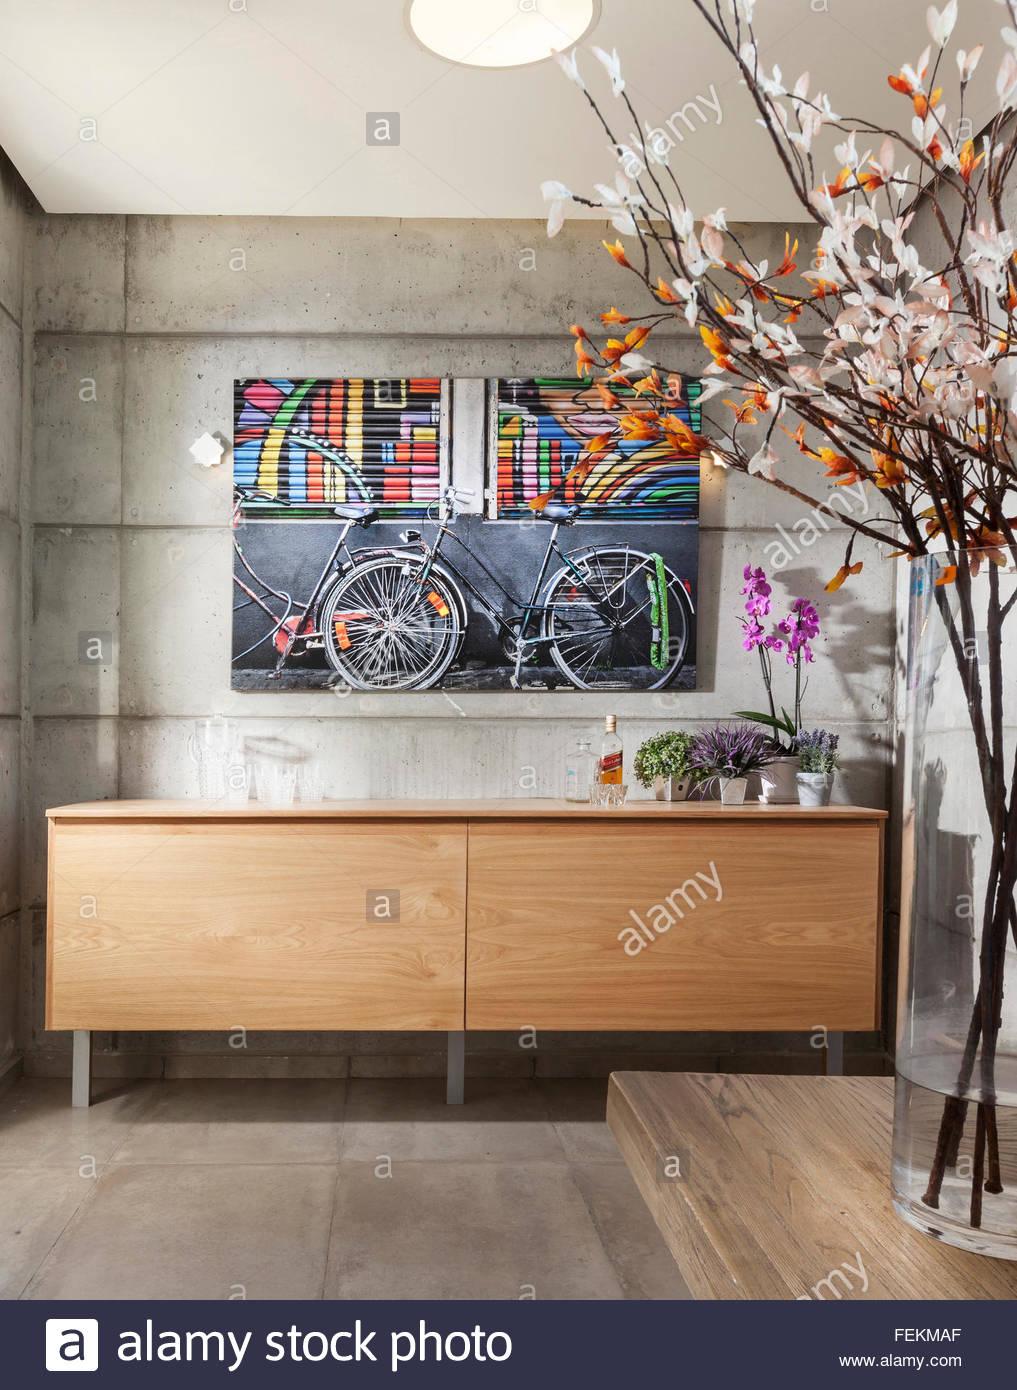 Moderne Villa in Gan Ner, Israel. Ein Flur. Kunstwerk an der Wand und große Vase mit Blumen. Stockbild